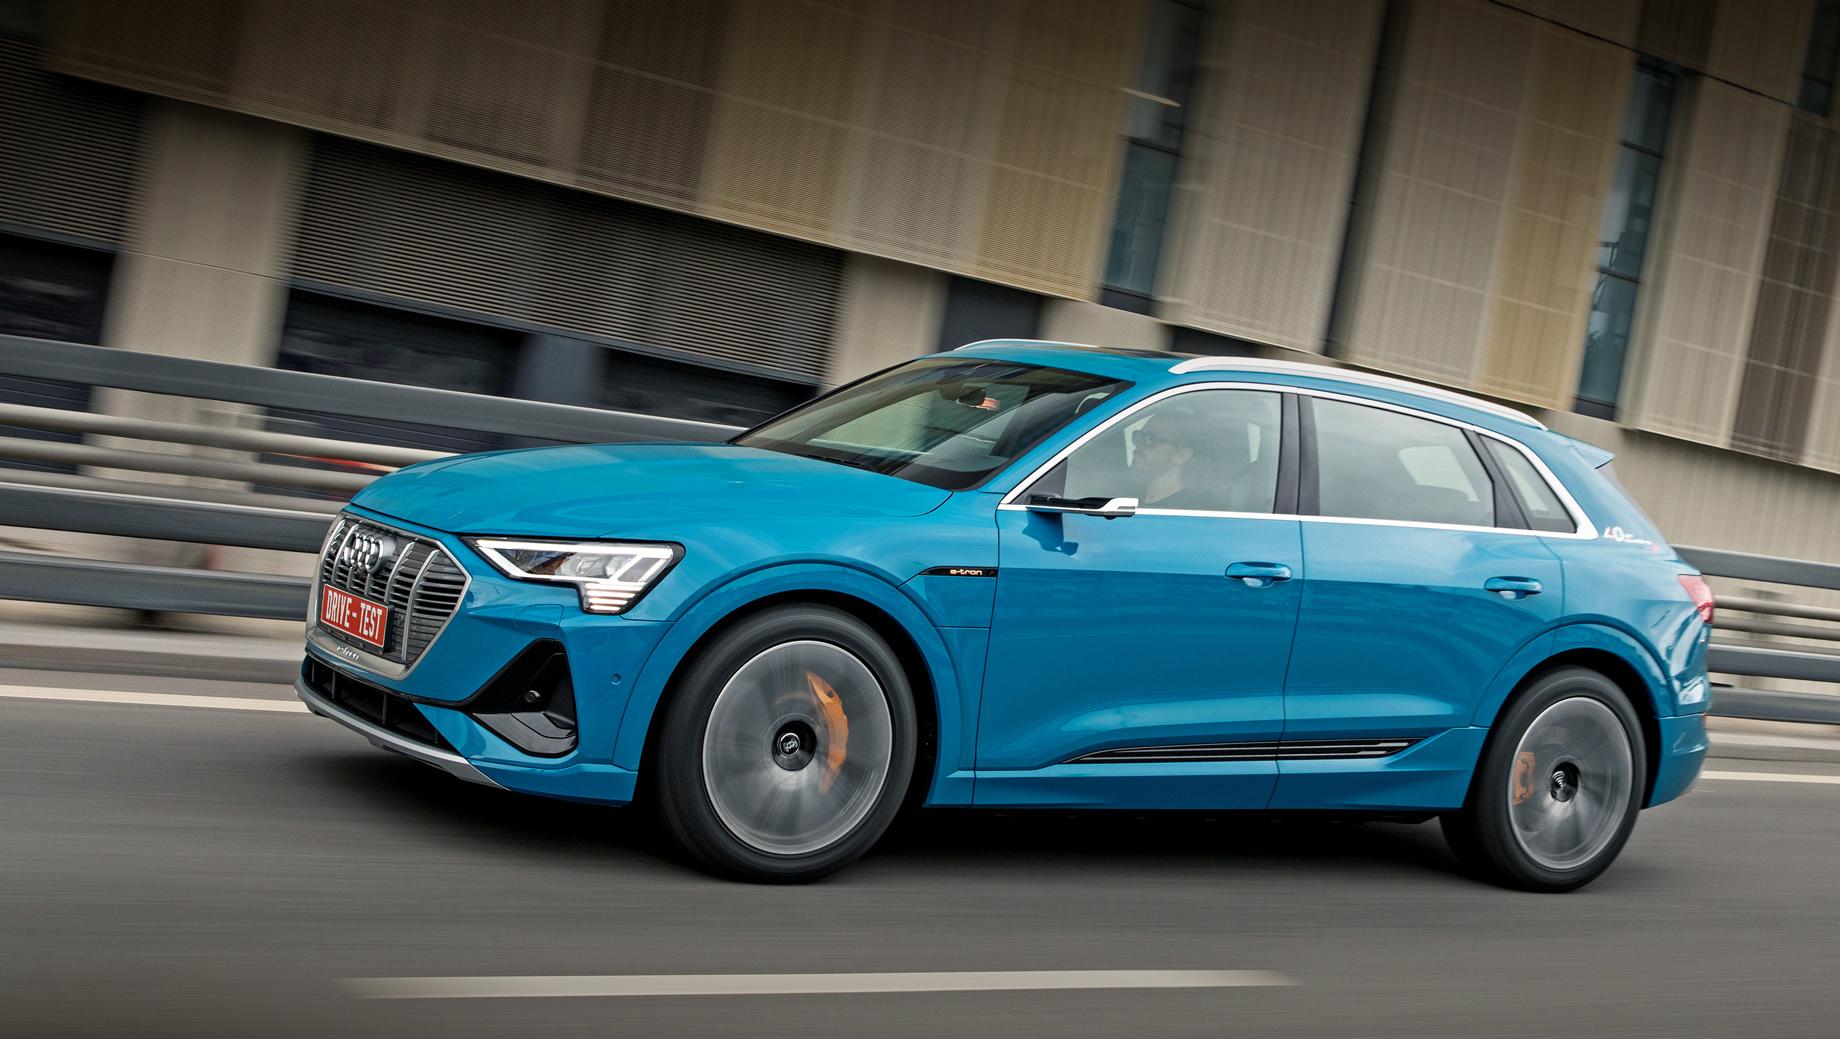 Audi e-tron. Цены начинаются с 5 768 000 рублей, но бесплатен лишь чёрный акрил. Любой «металлик» обойдётся в 61 тысячу, а такой цвет из палитры Audi exclusive — в 176 600. России положены только 300-киловаттные версии 55 quattro, хотя в Европе доступны и «пятидесятки» с меньшим запасом хода.